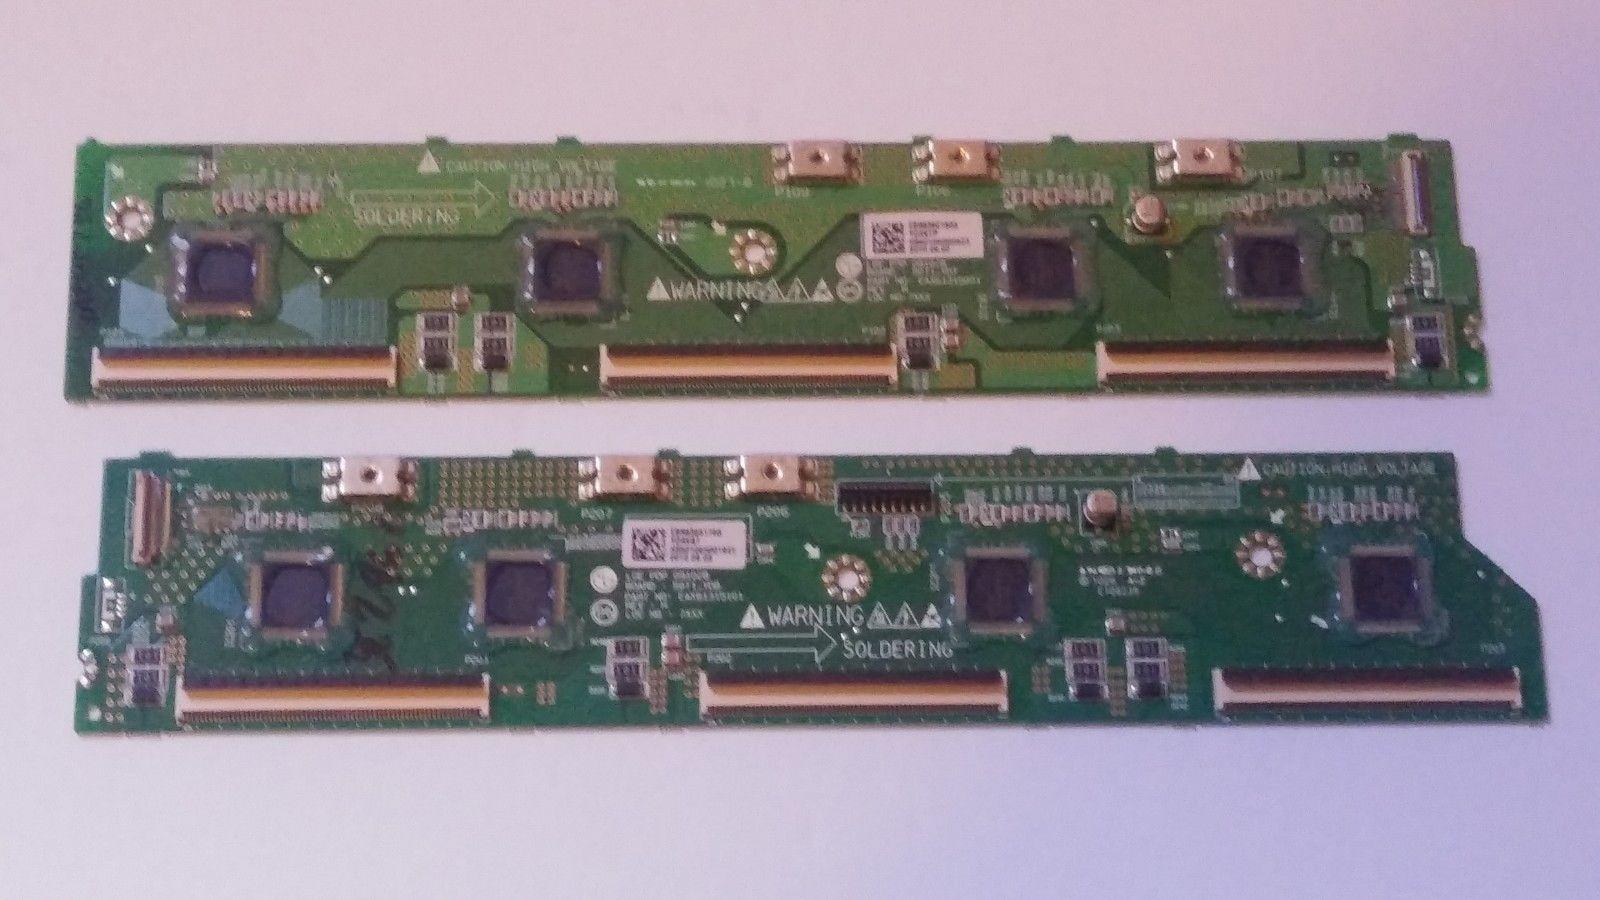 LG 50PJ350-UB Y Buffers EBR63551603 EBR63551703